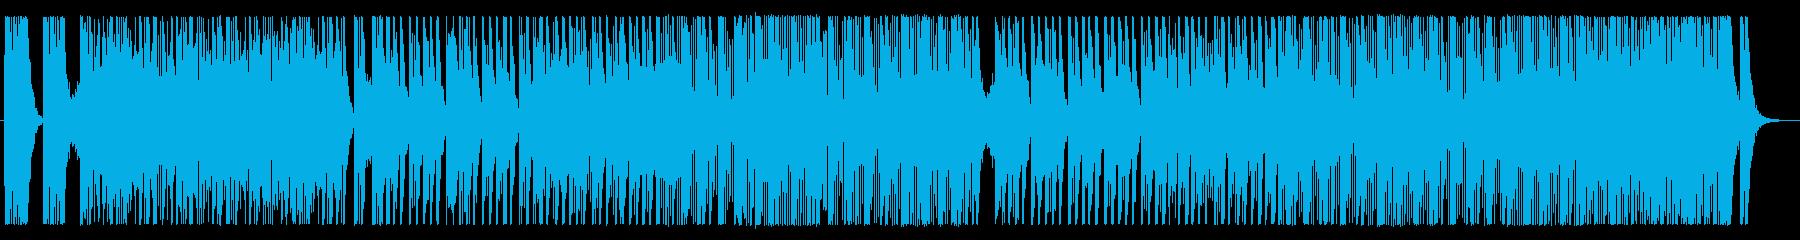 荒々しい和太鼓アンサンブル 尺八無し版の再生済みの波形